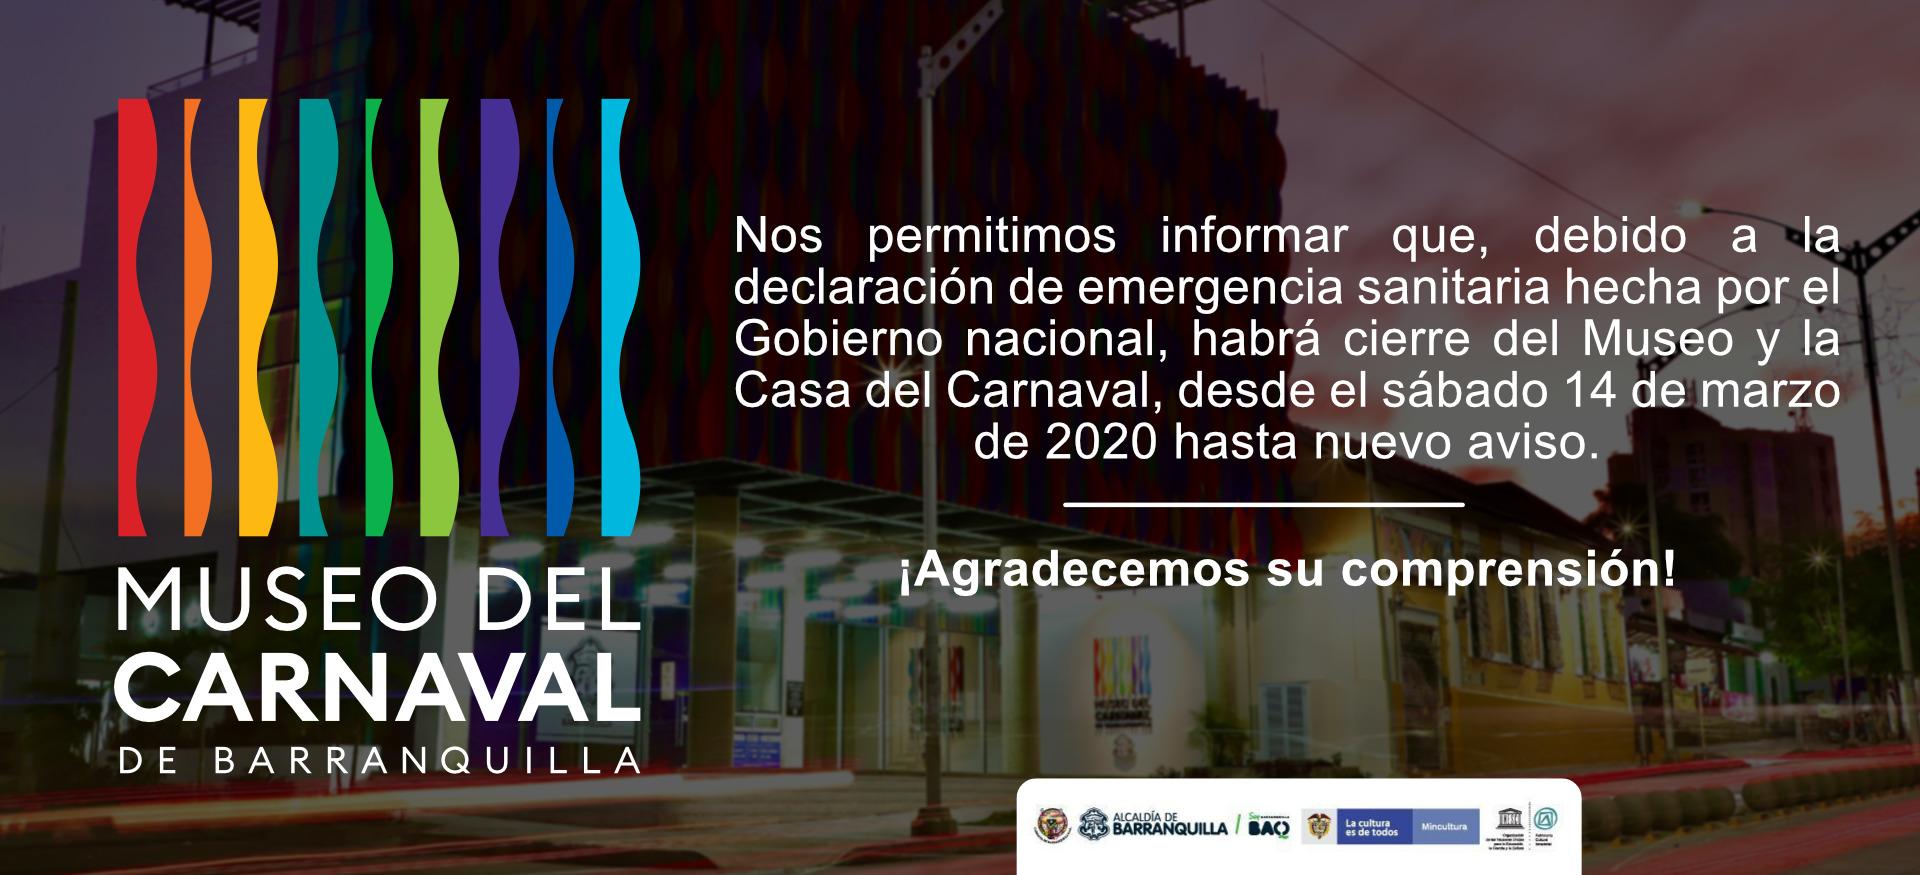 Museo y Casa del Carnaval cierran temporalmente por prevención del Covid-19